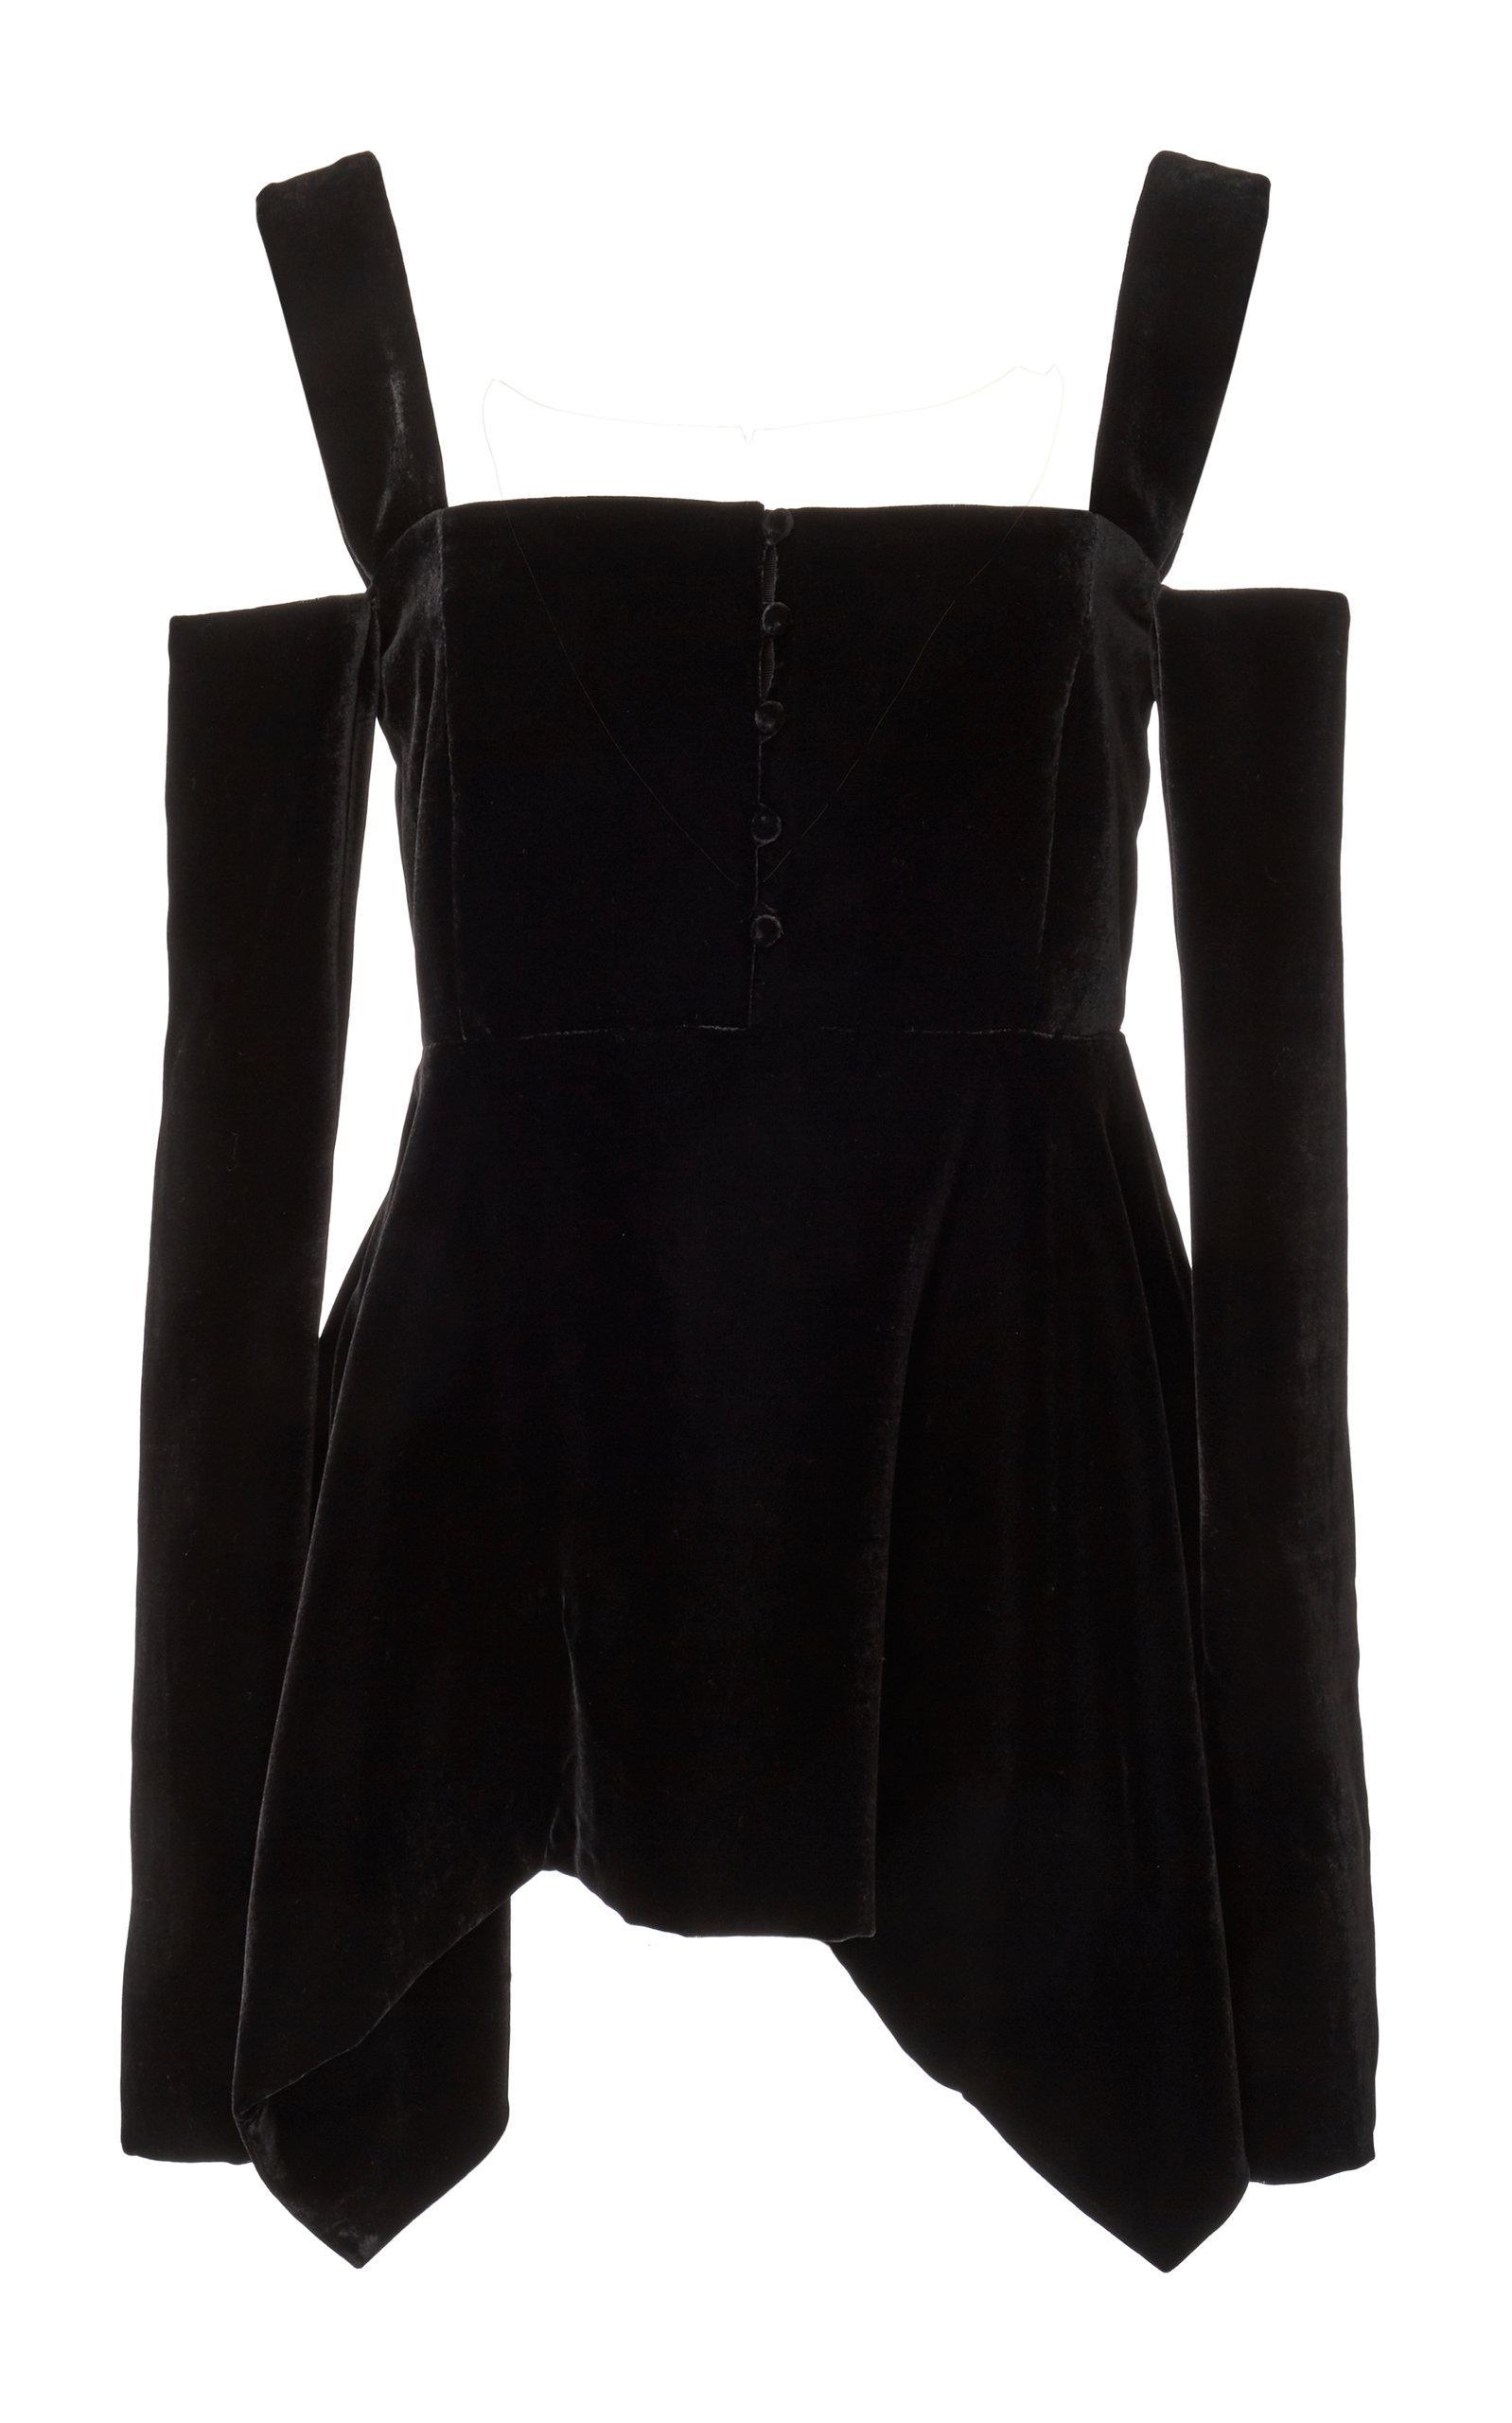 Adeam Long Sleeve Handkerchief Top In Black